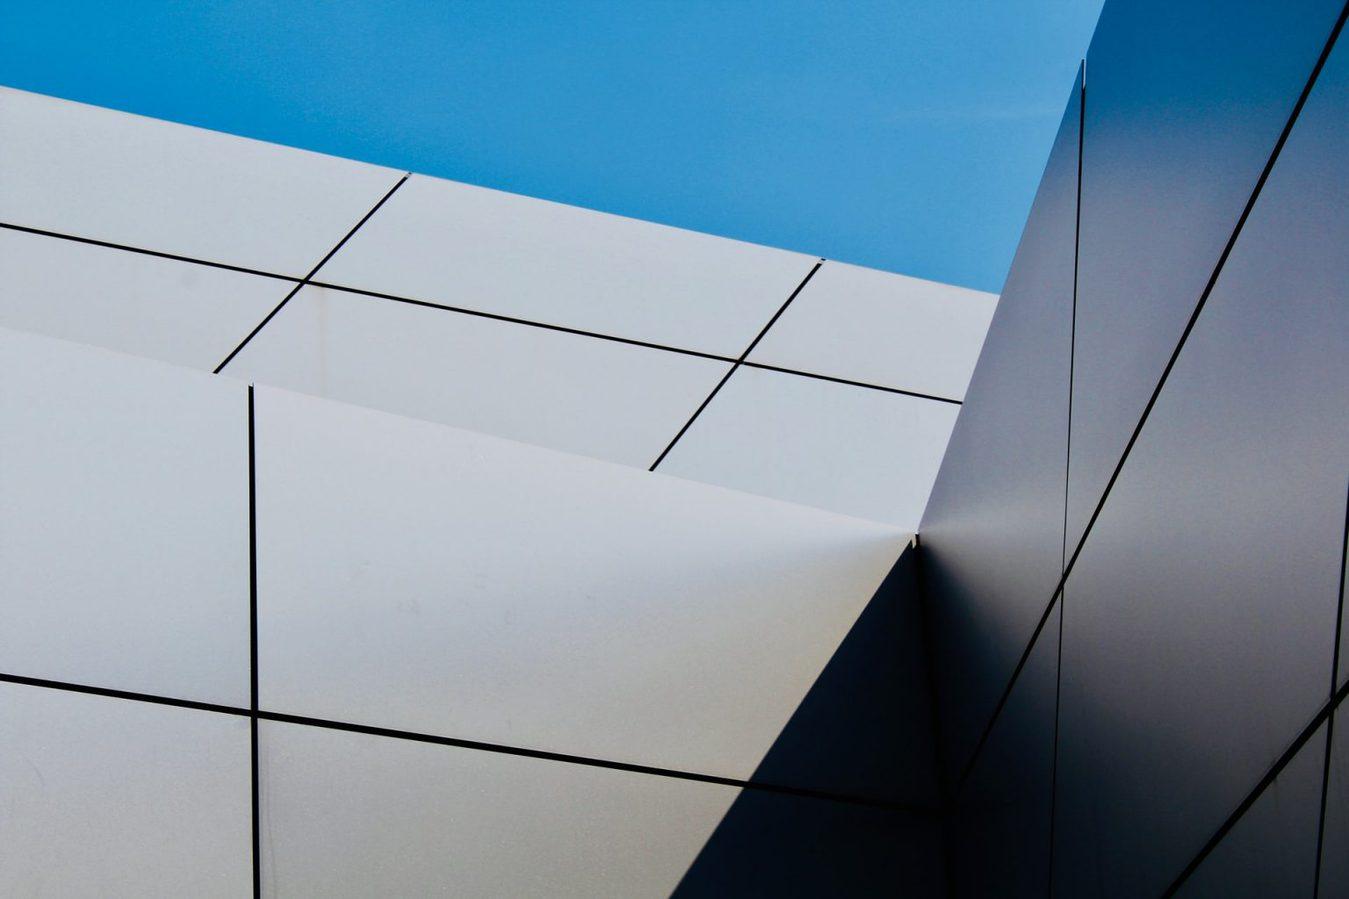 Arsitektur abstrak